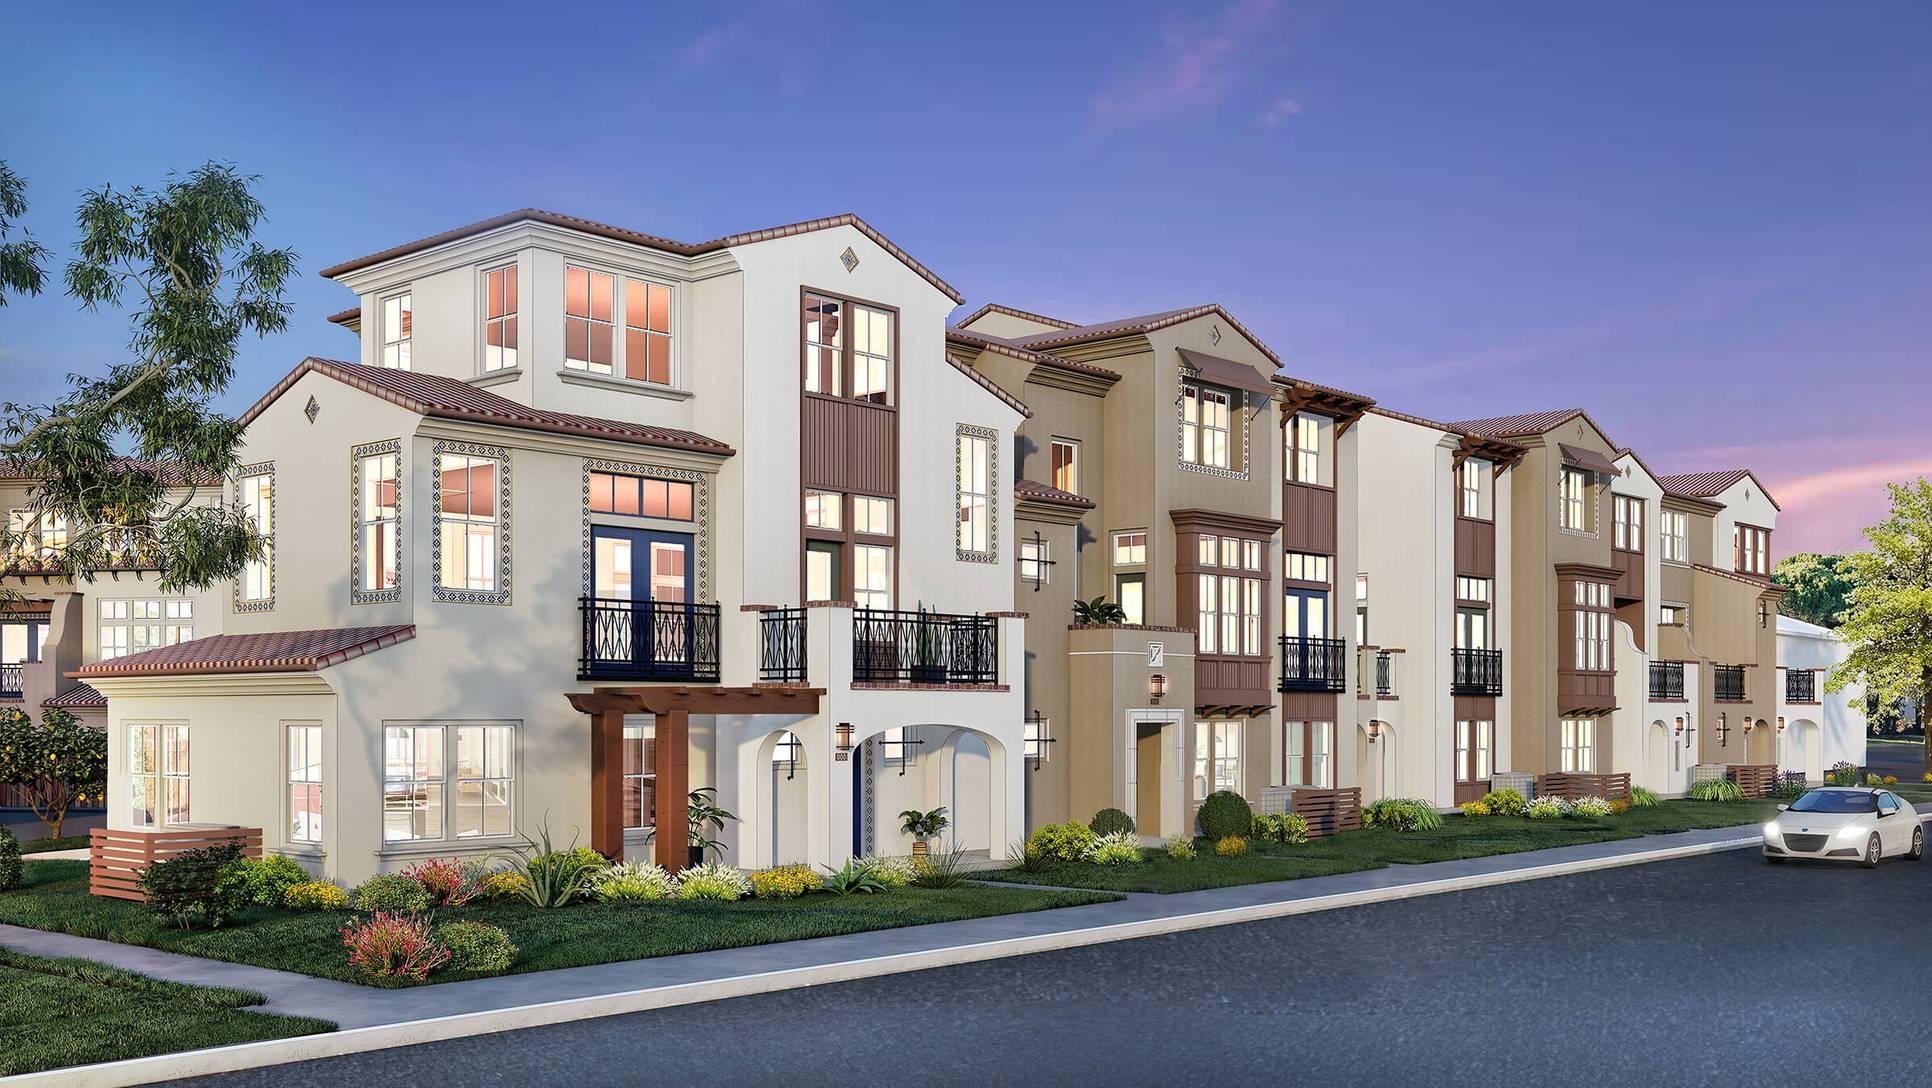 Cantera- Homesite 8 - Plan E:Elevation